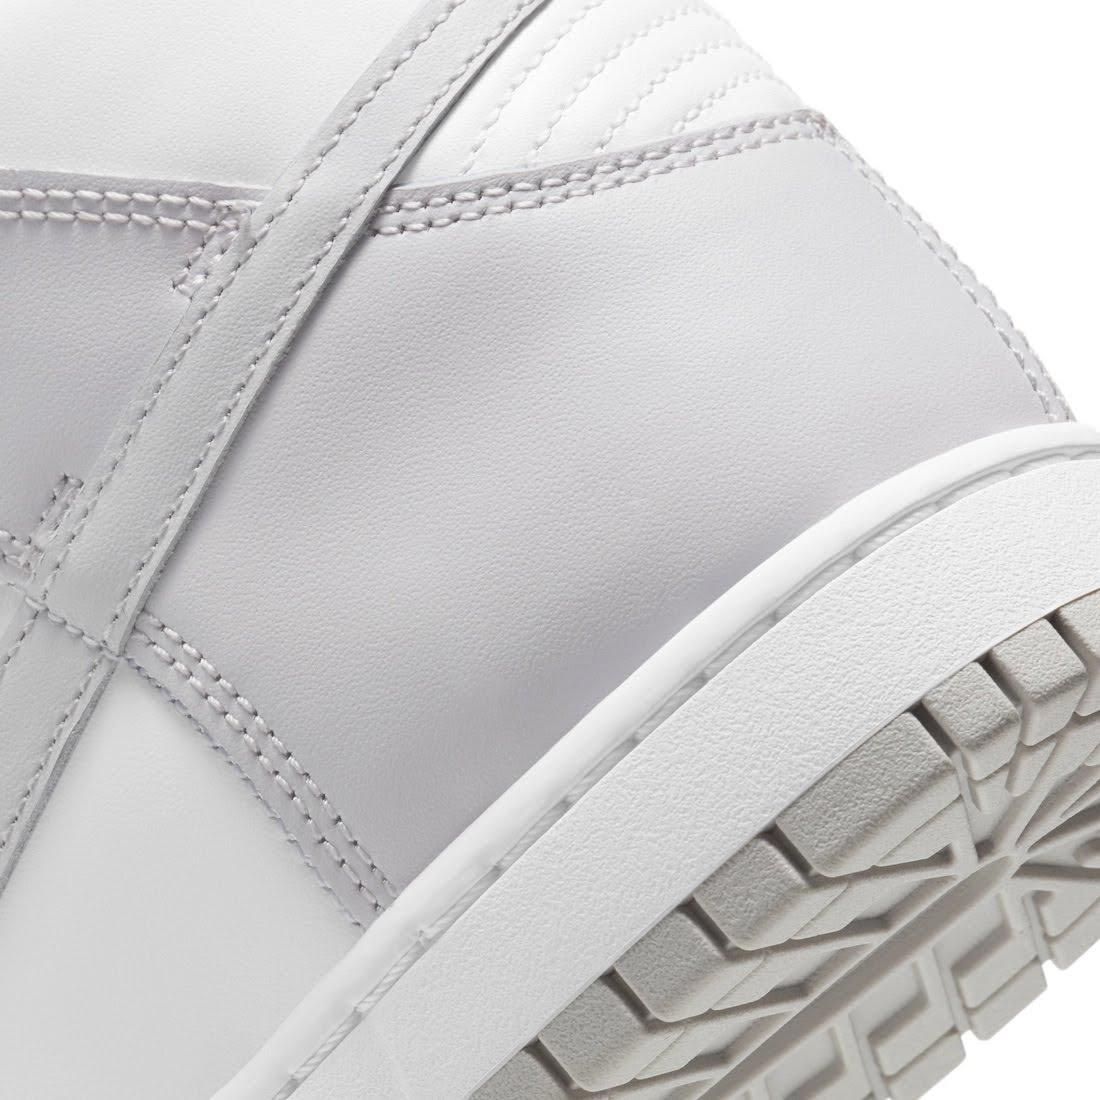 """ナイキ ダンク ハイ """"バスト グレー"""" Nike-Dunk-High-Vast-Grey-DD1399-100-heel-closeup"""